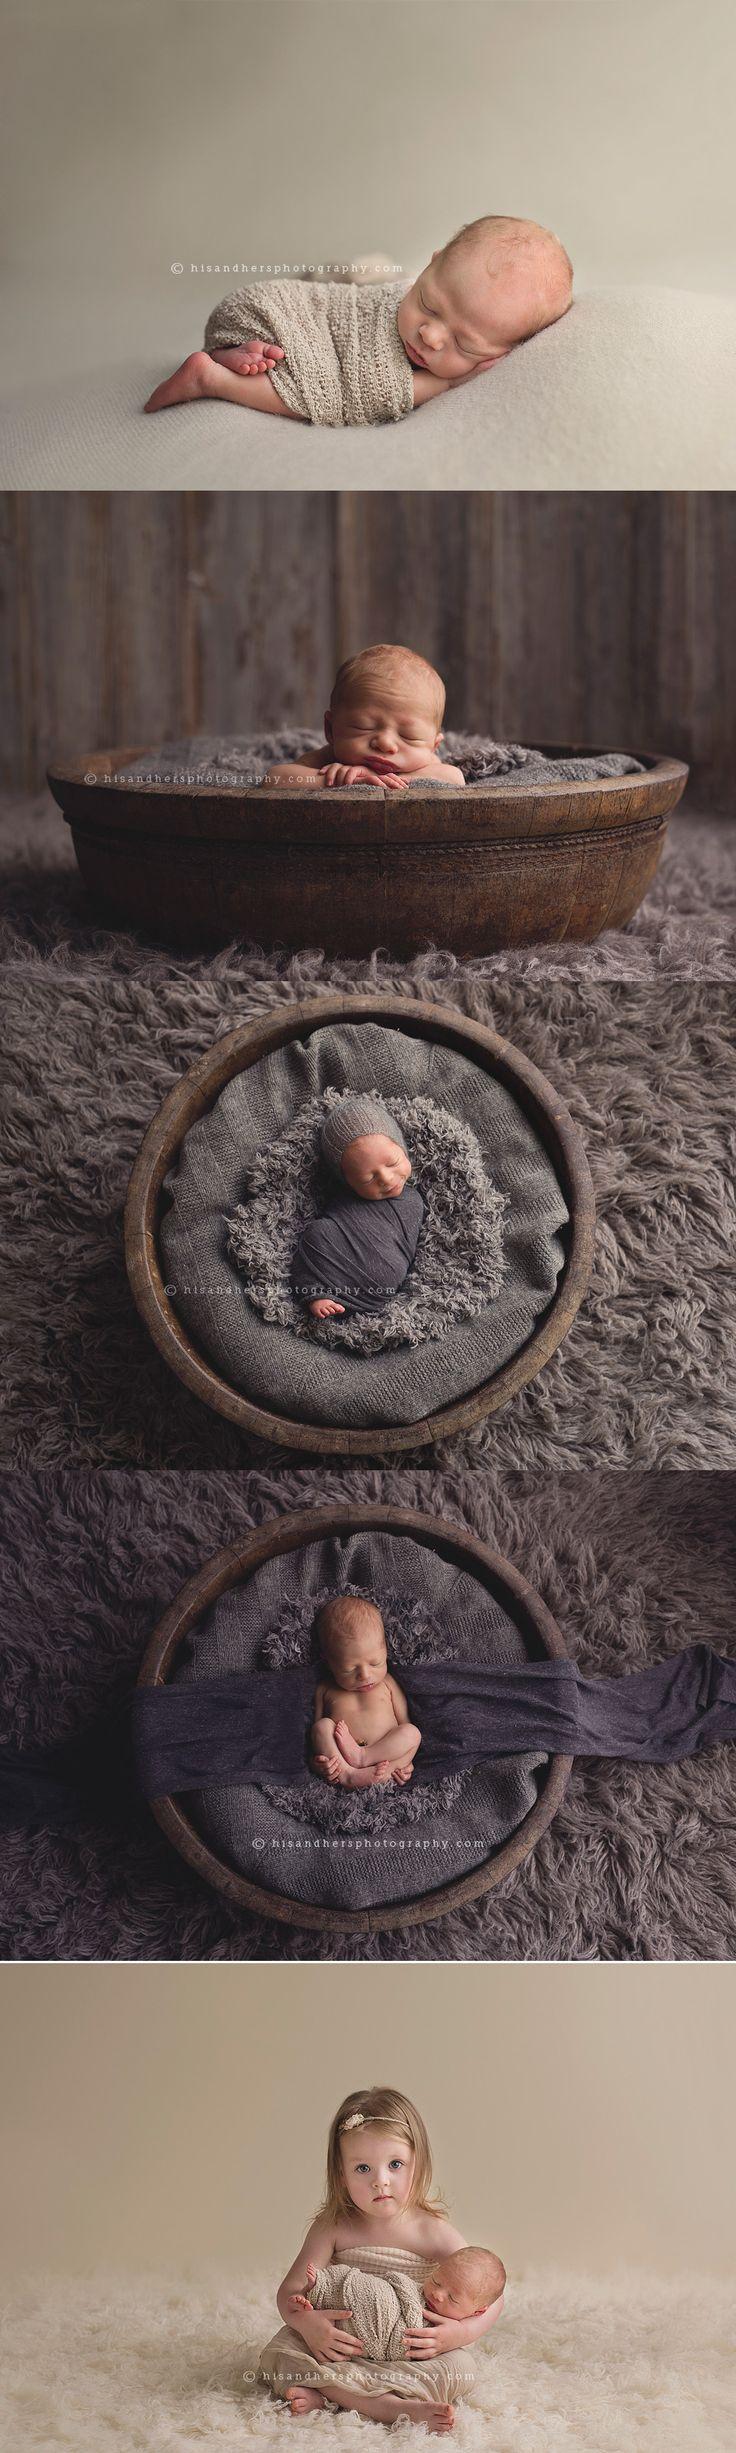 Des Moines, Iowa newborn photographer, Darcy Milder | His & Hers